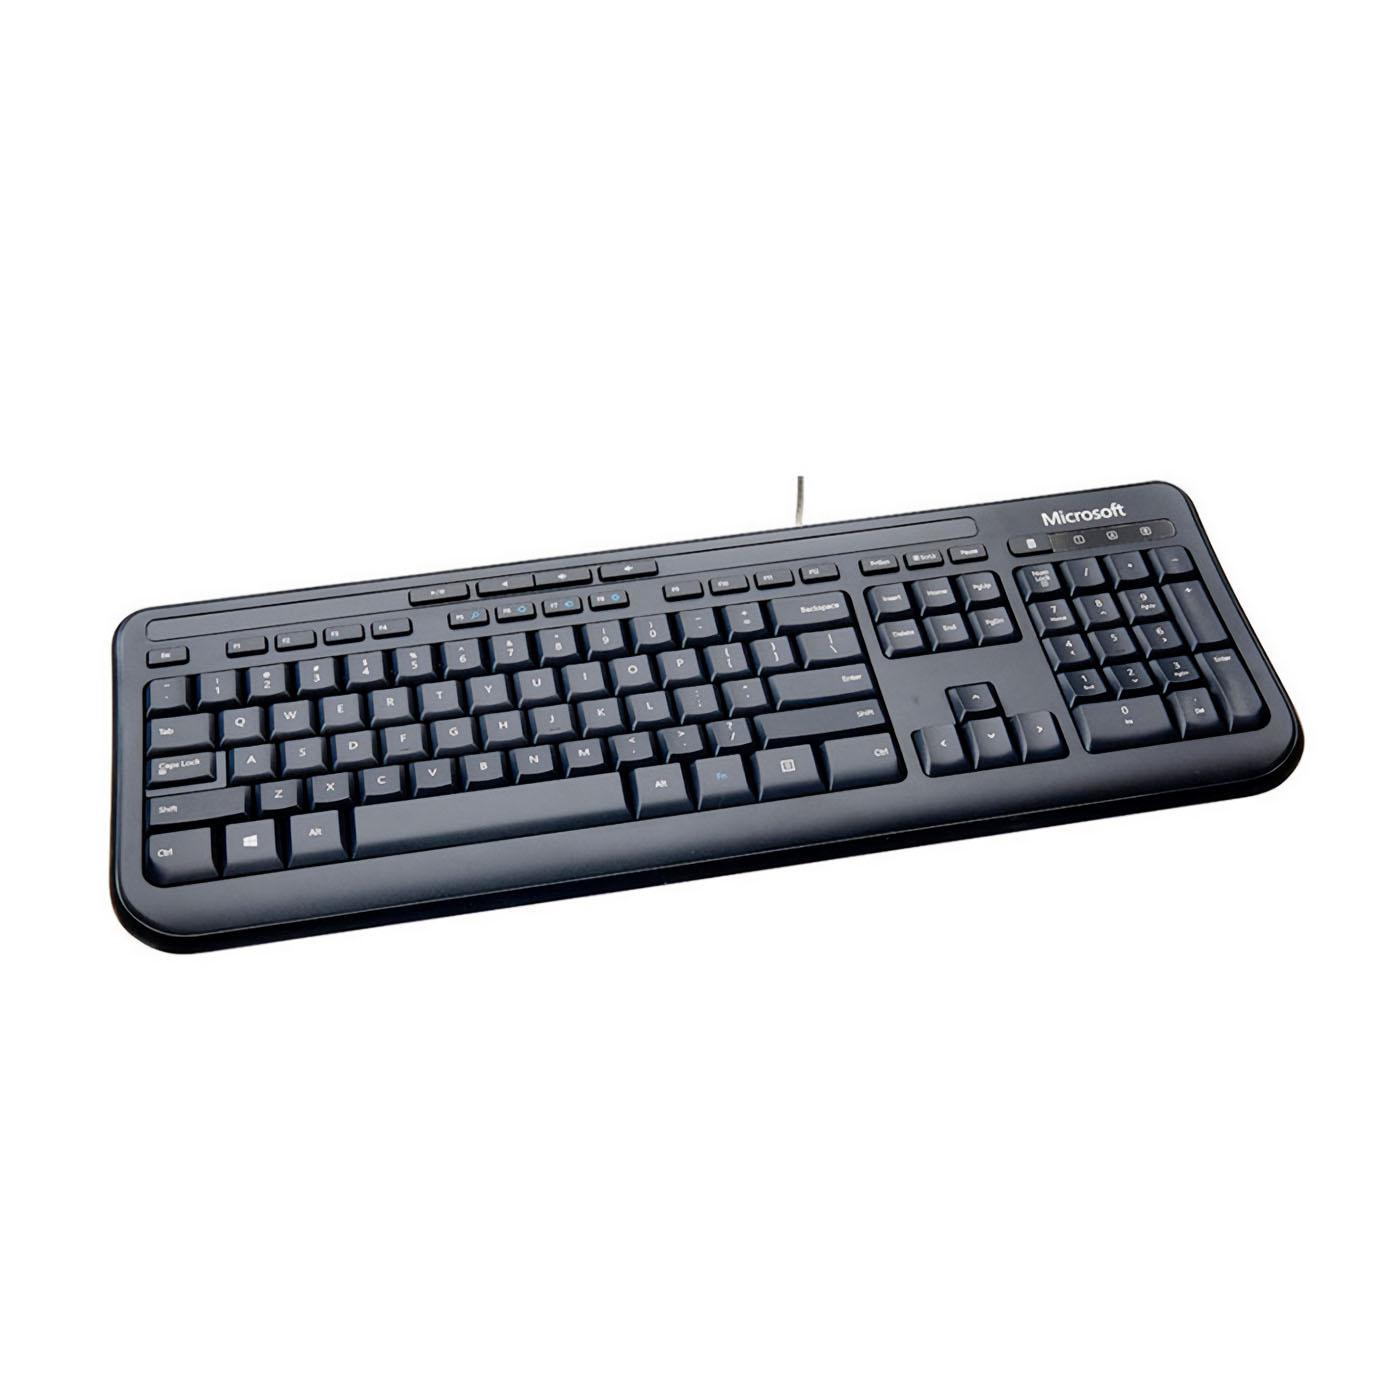 Microsoft 600 Wired Keyboard Black